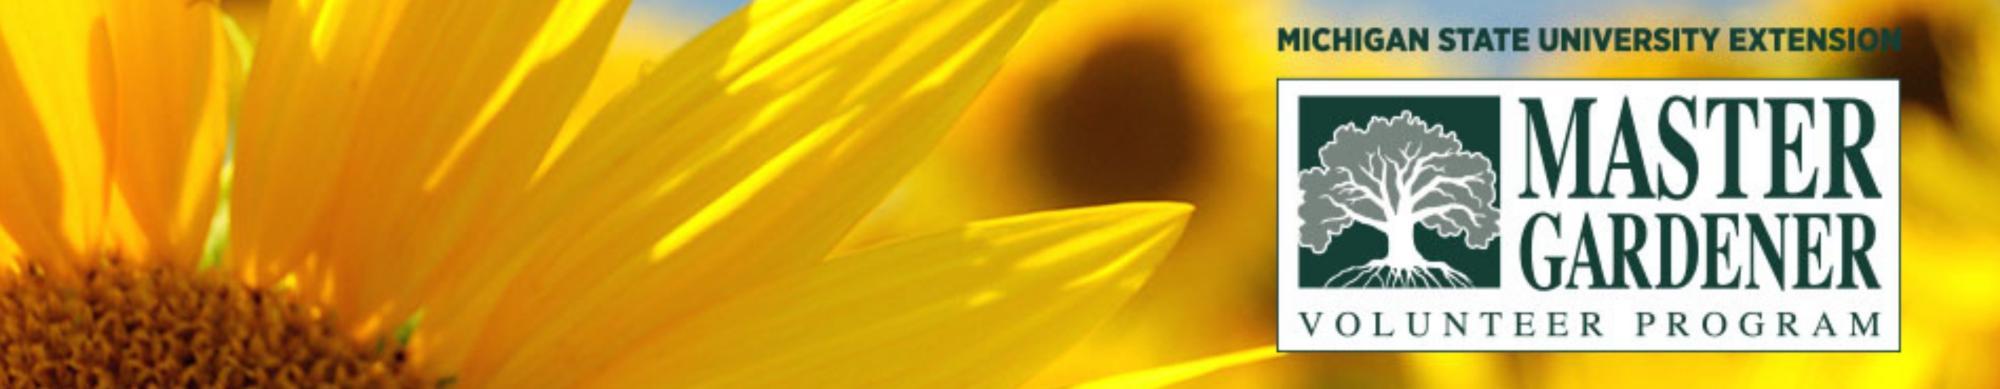 Sunflower image with the Master Gardener Volunteer Program logo.